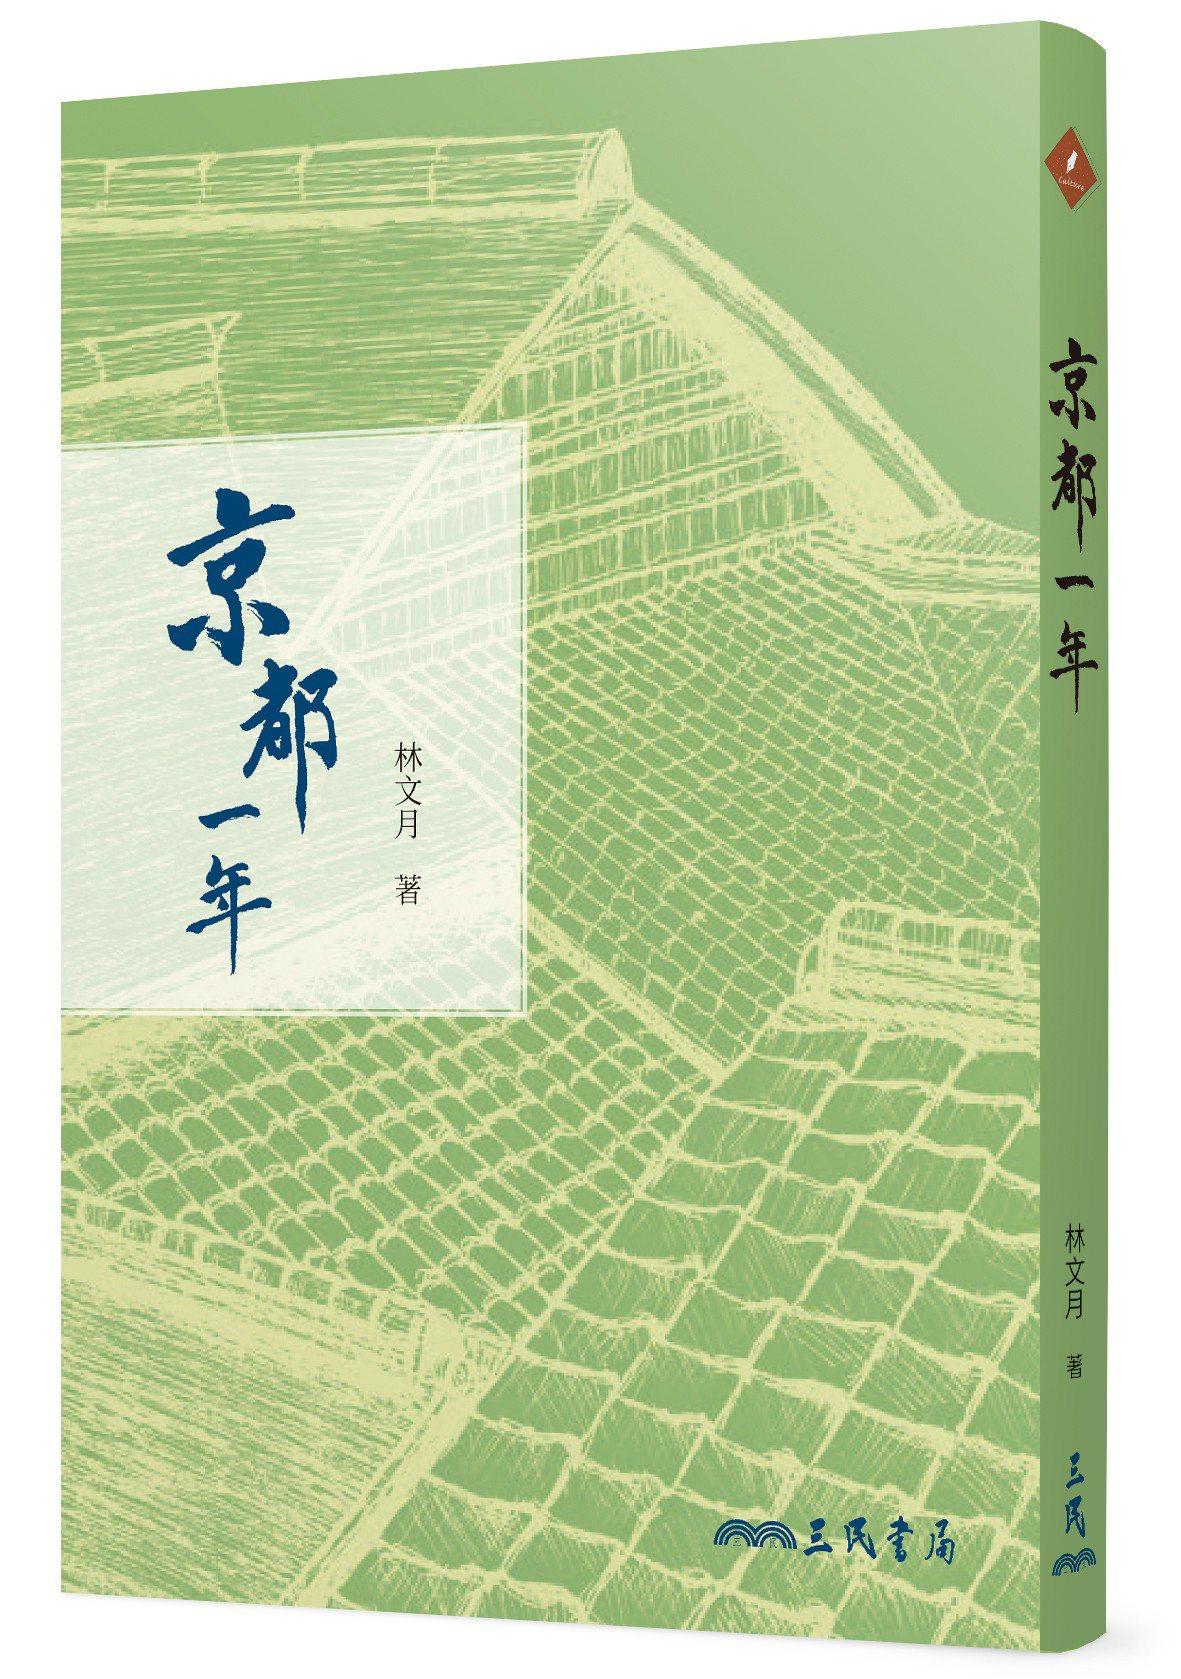 林文月經典「京都一年」重新出版。圖/三民書局提供